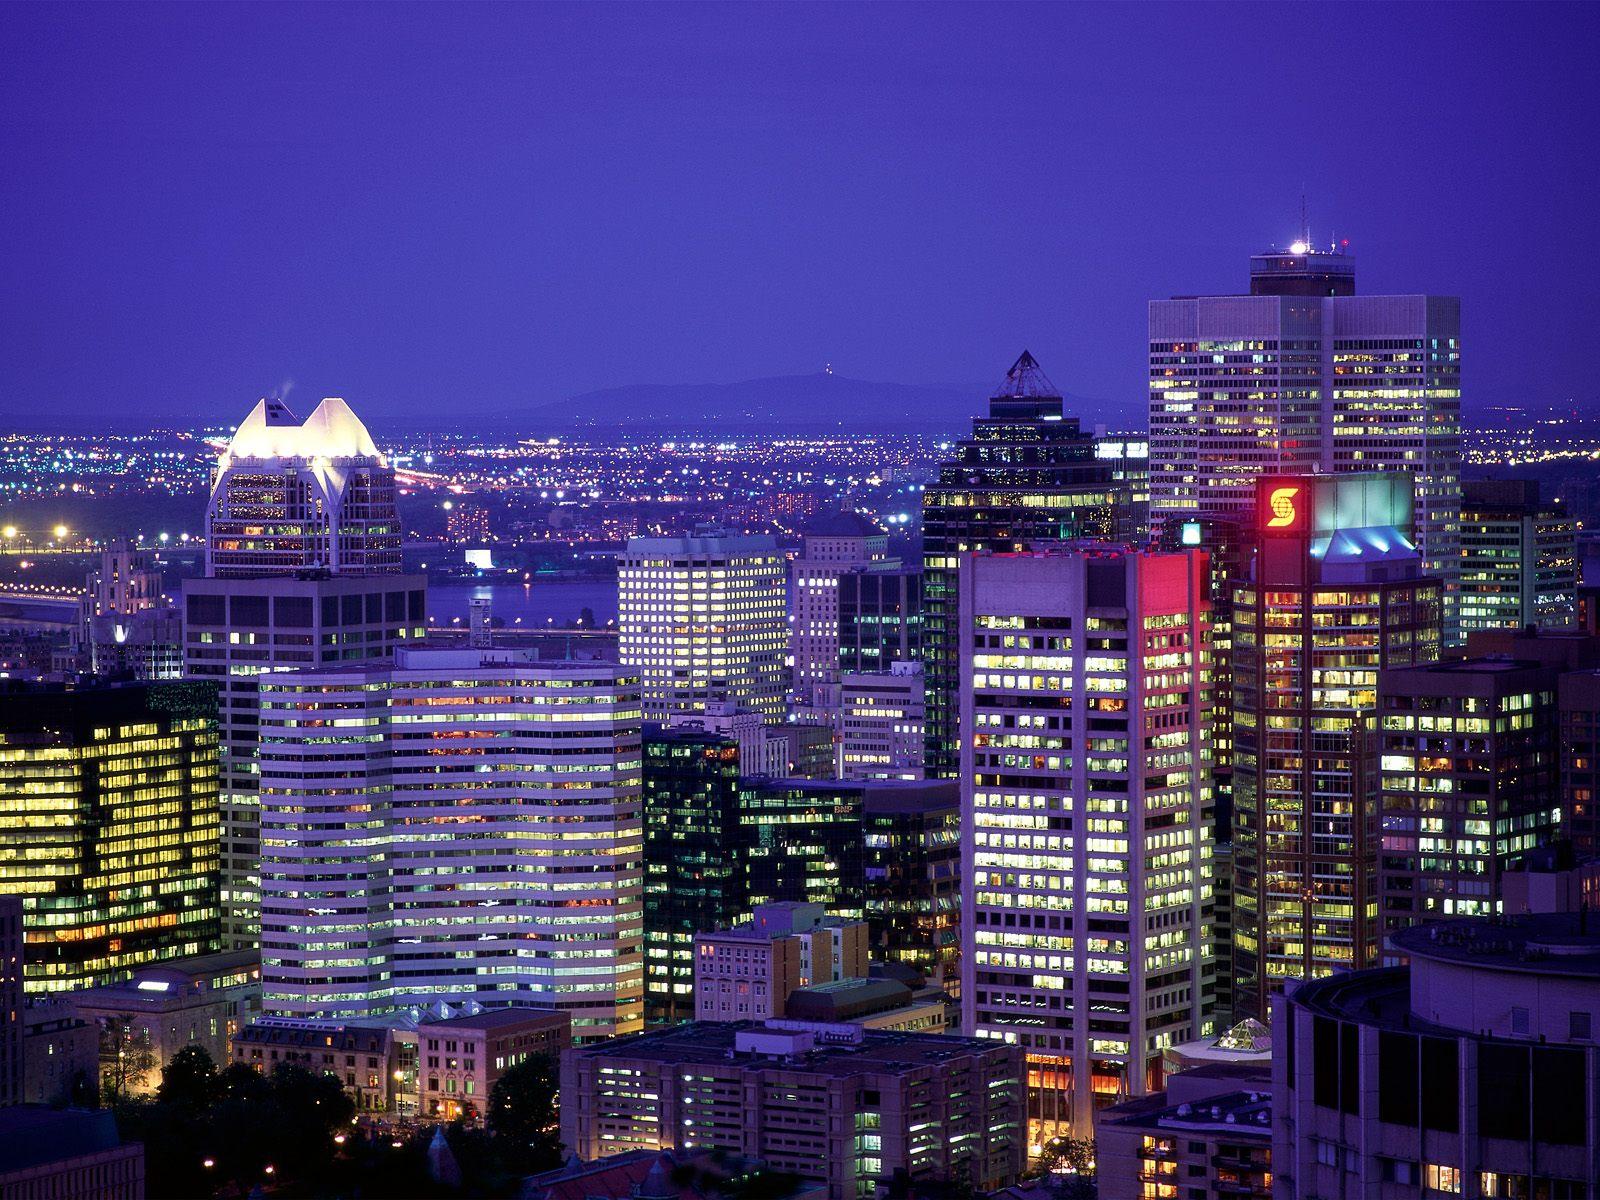 http://1.bp.blogspot.com/_lZ0PjAyUf4I/TE6eUeJboAI/AAAAAAAADsE/IrIw4OCYapg/s1600/Canada+%2812%29.jpg